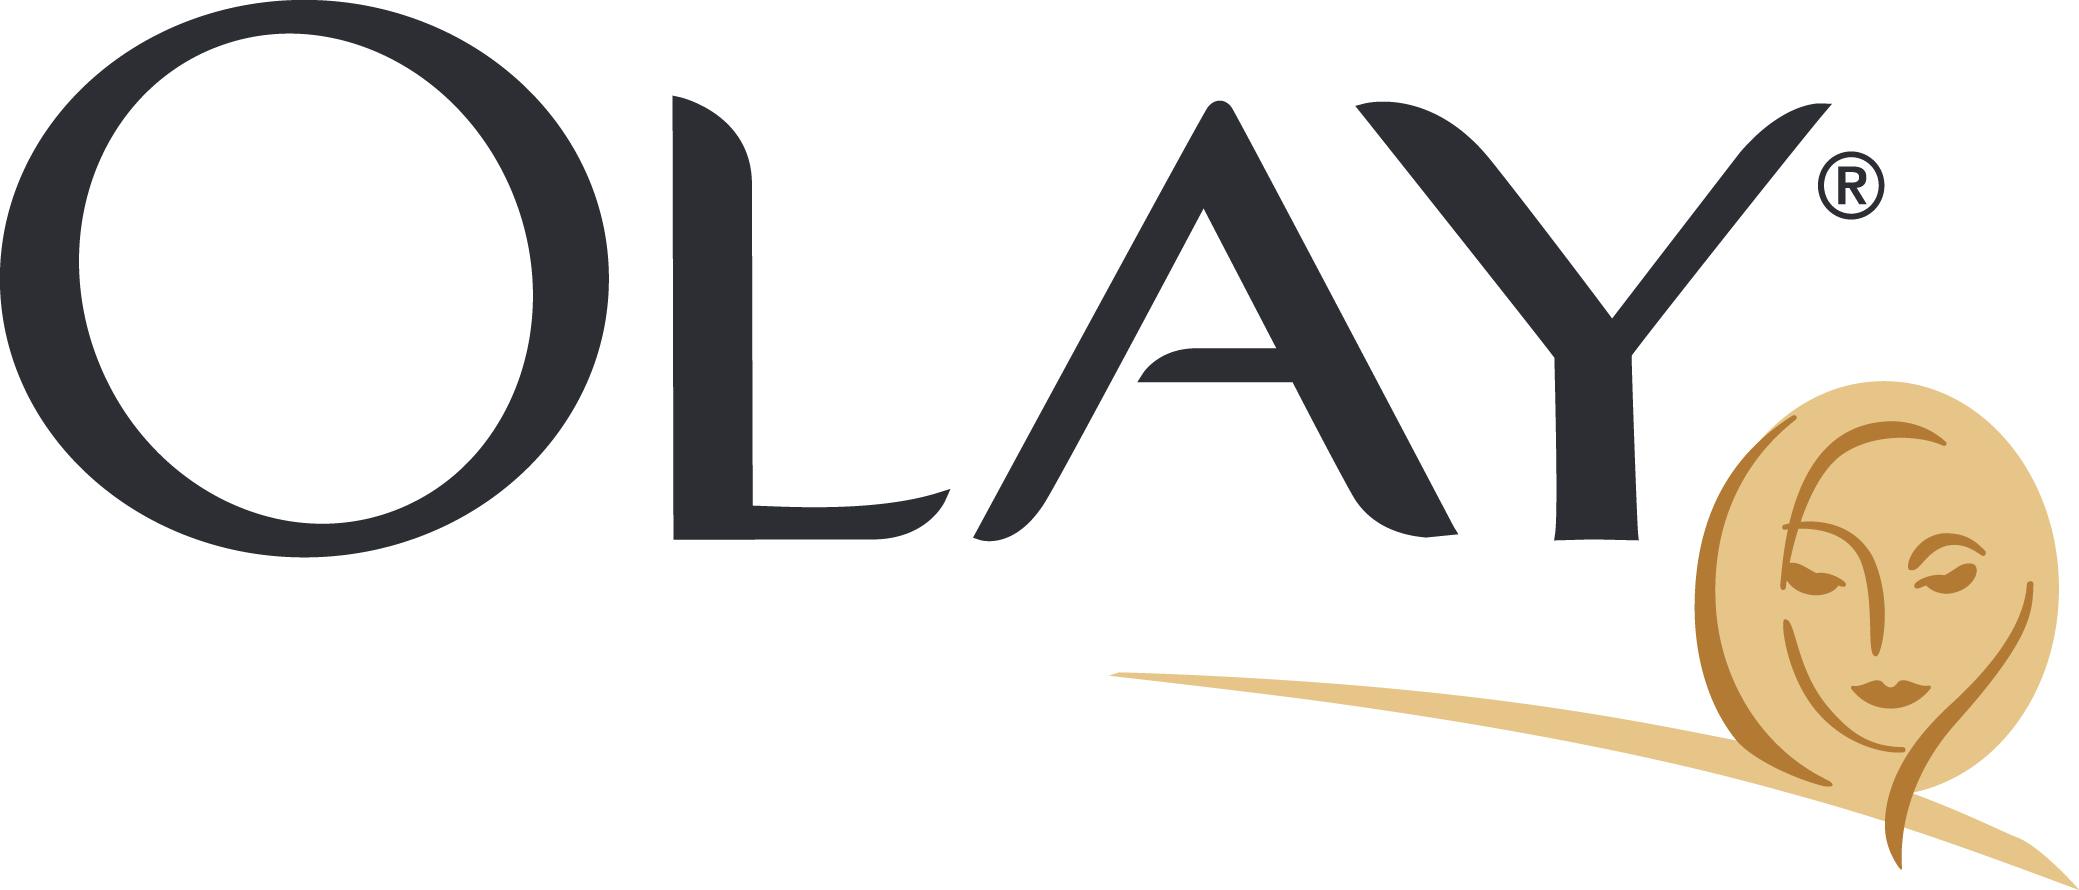 Olay_logo.png